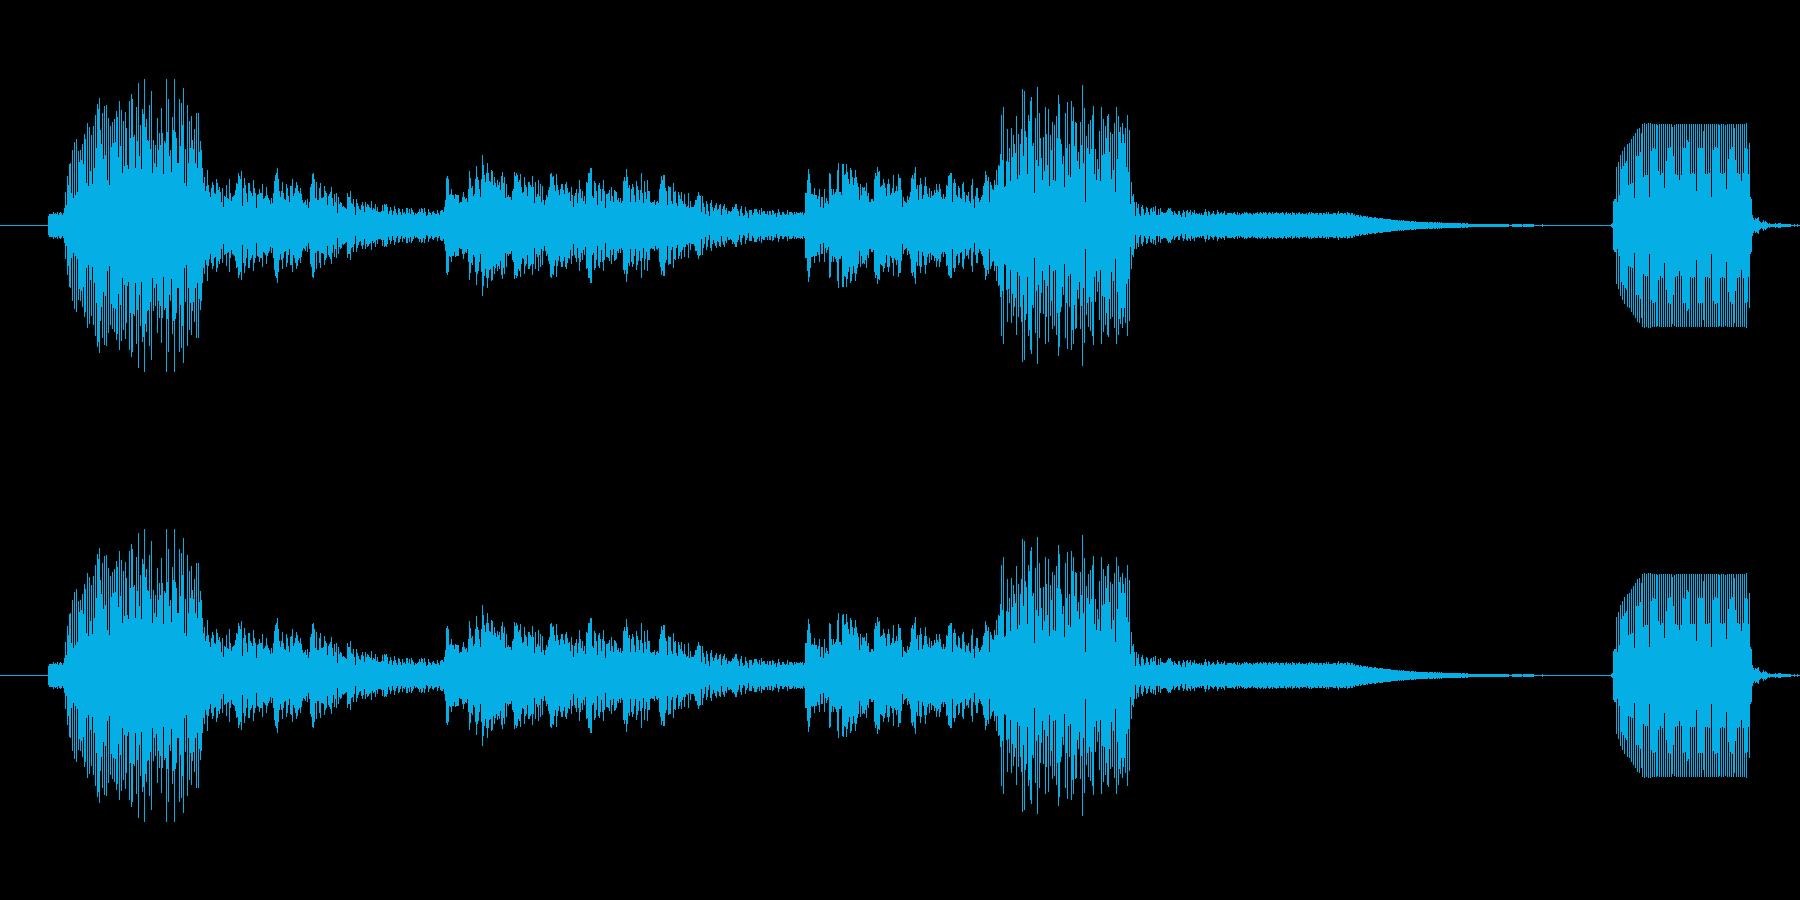 追跡デバイスがオン;コンピューター処理。の再生済みの波形